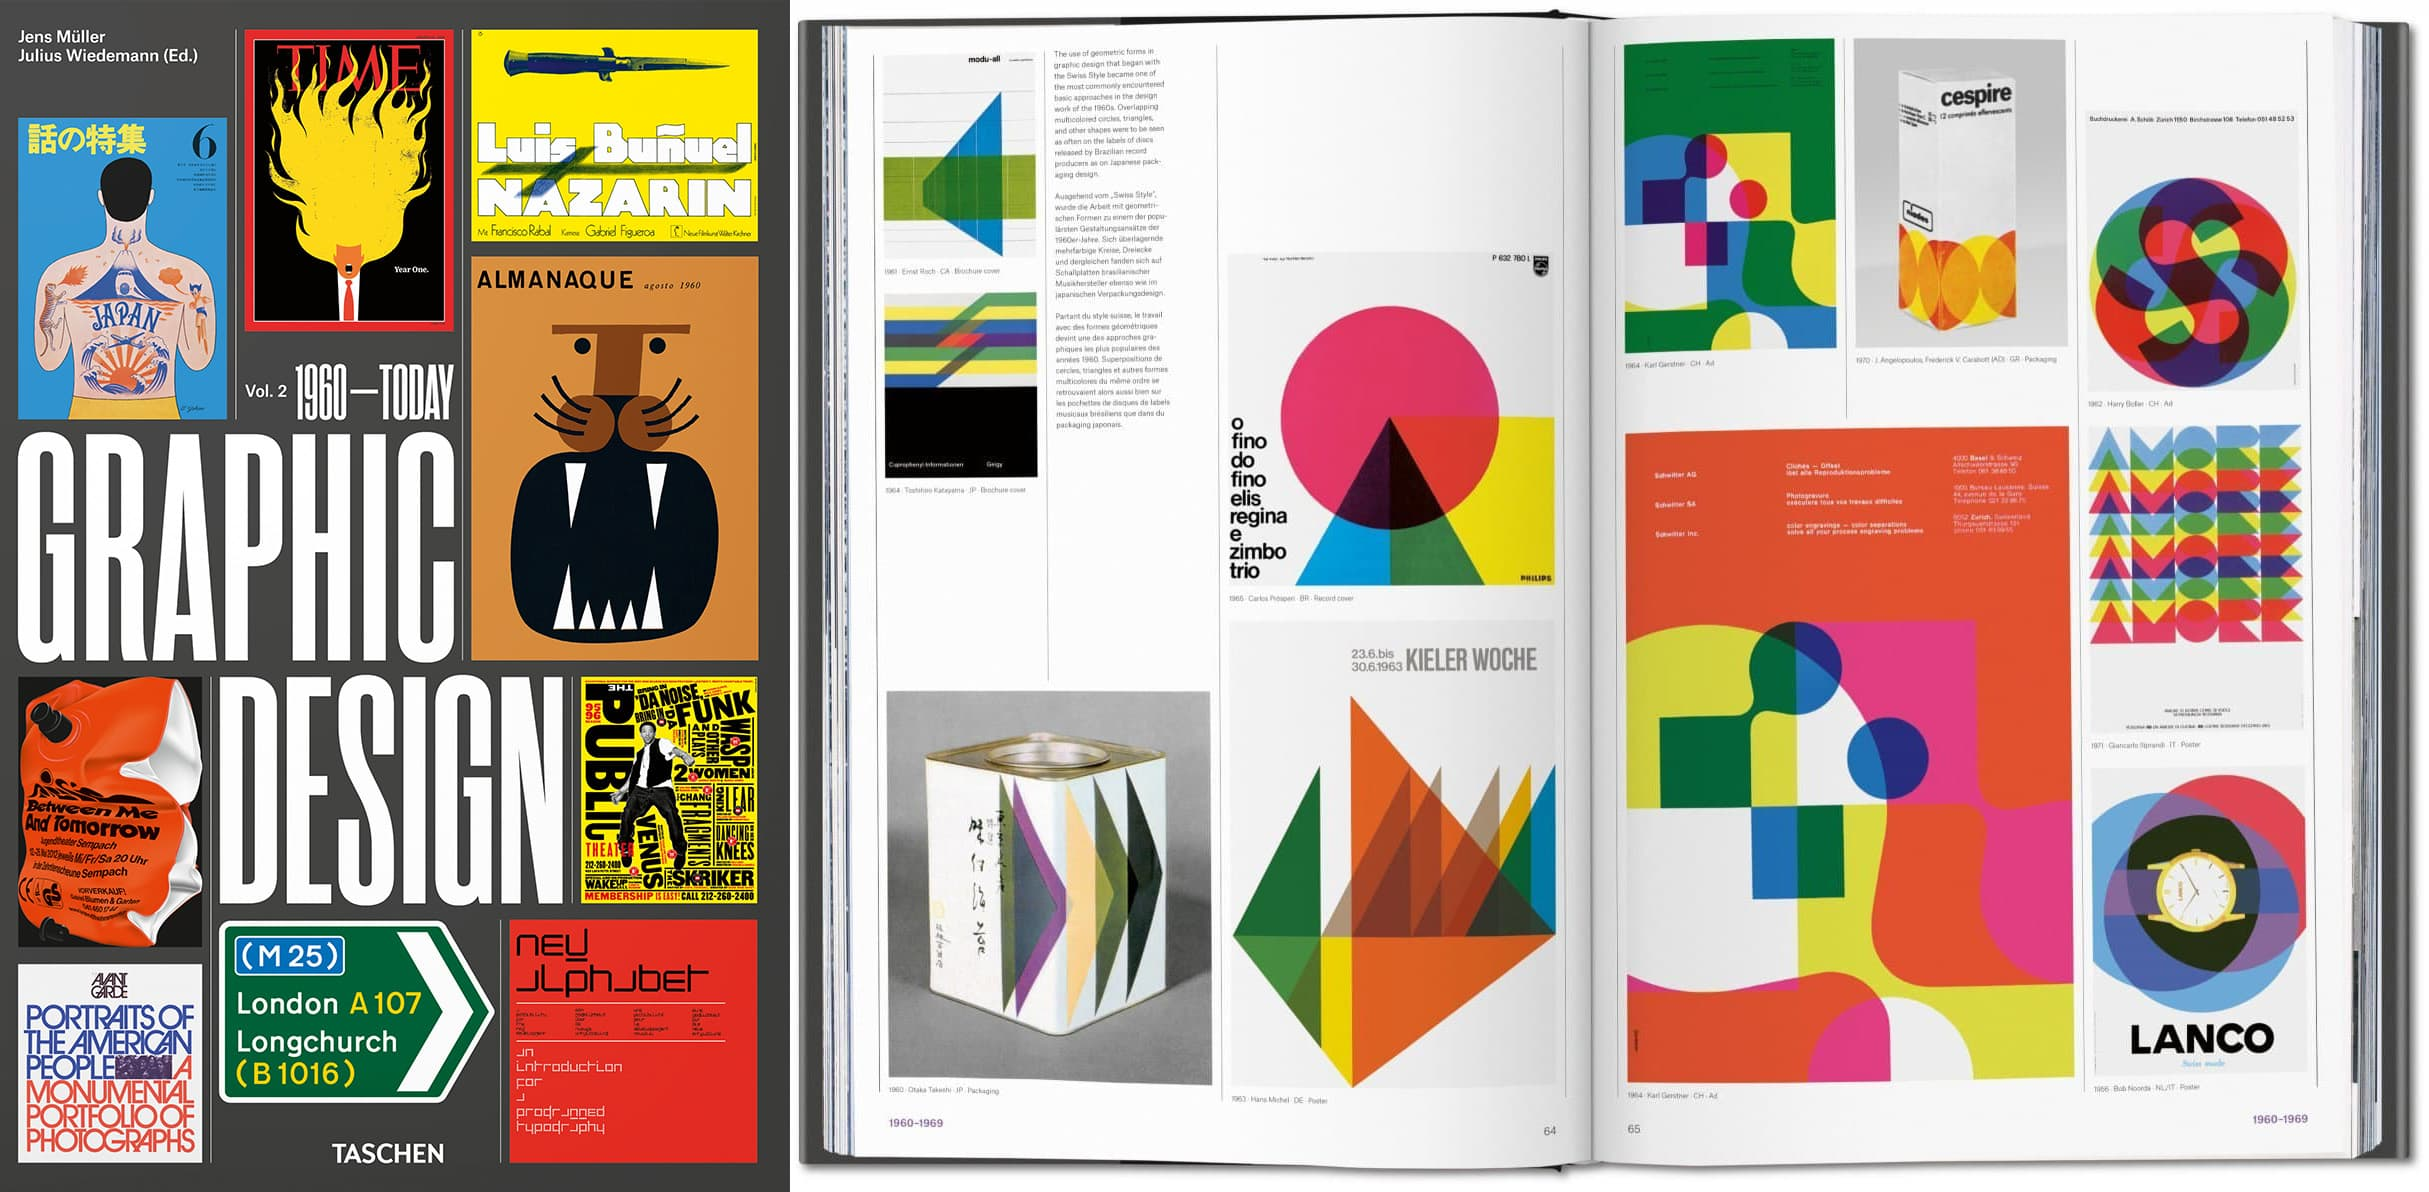 TASCHEN - Geschichte des Grafikdesigns 1960 bis heute